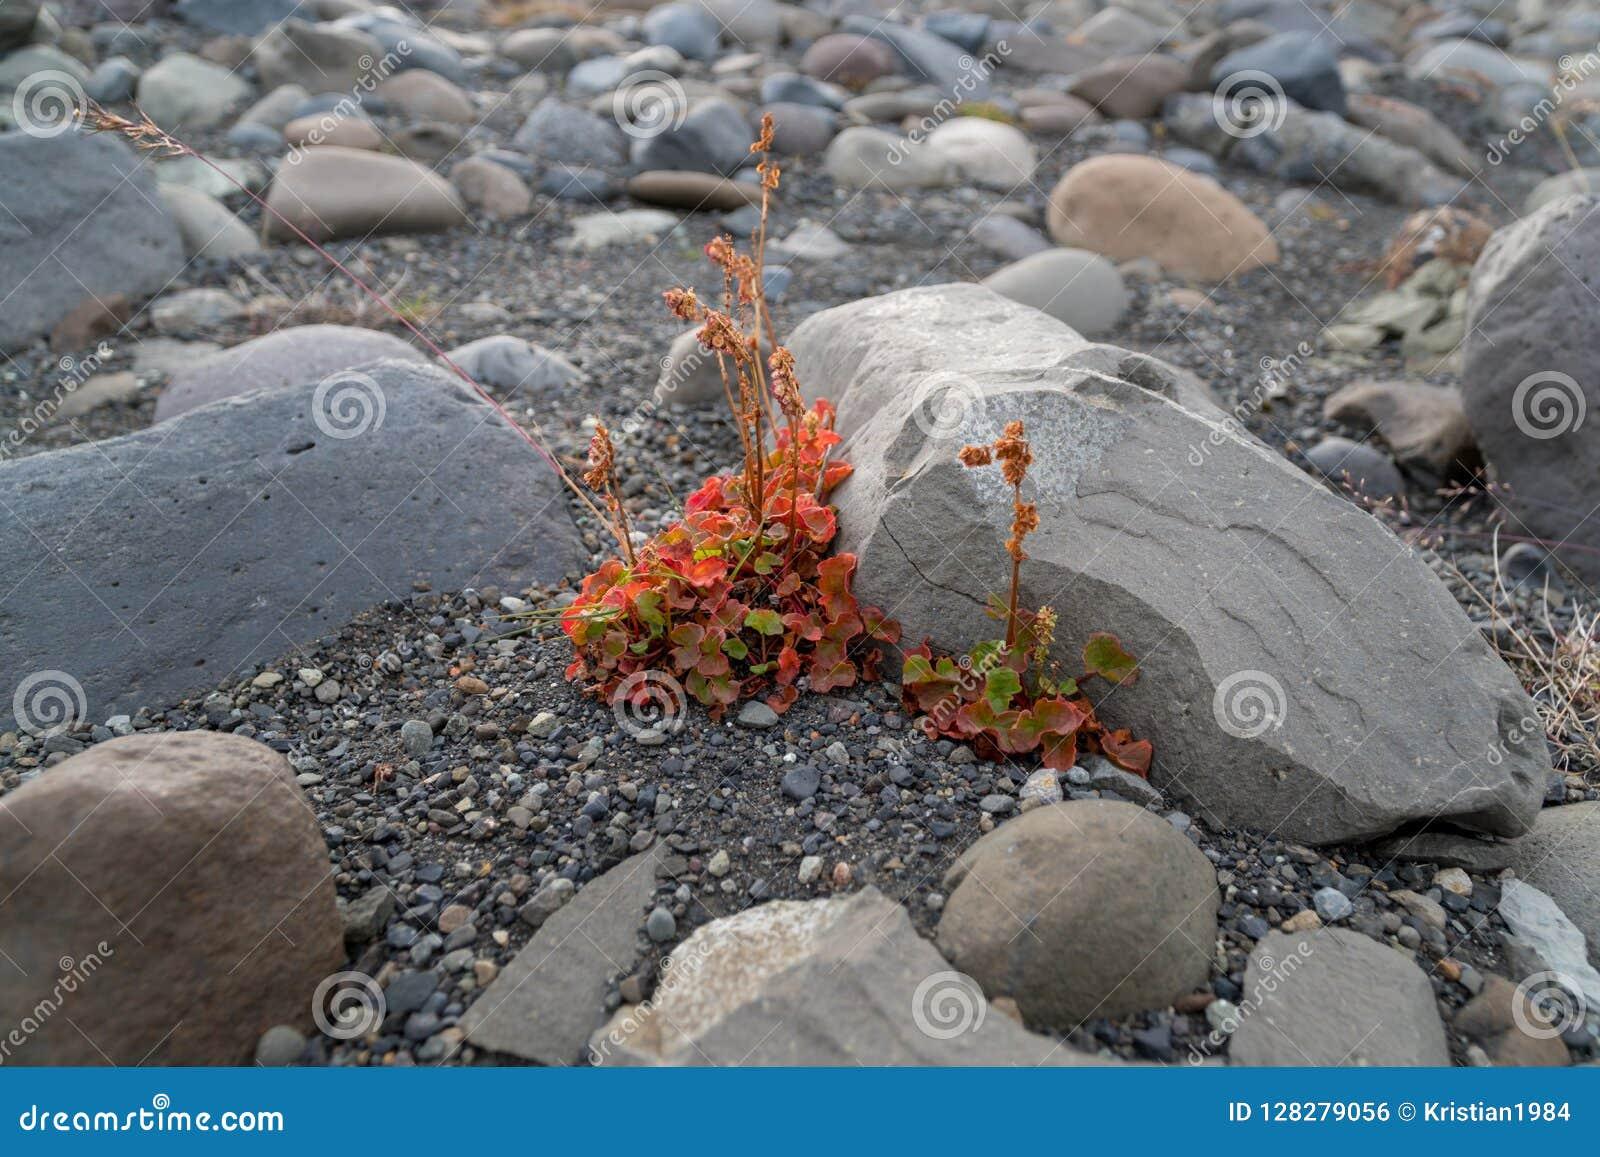 Малый красочный цветок растет на грубой поверхности